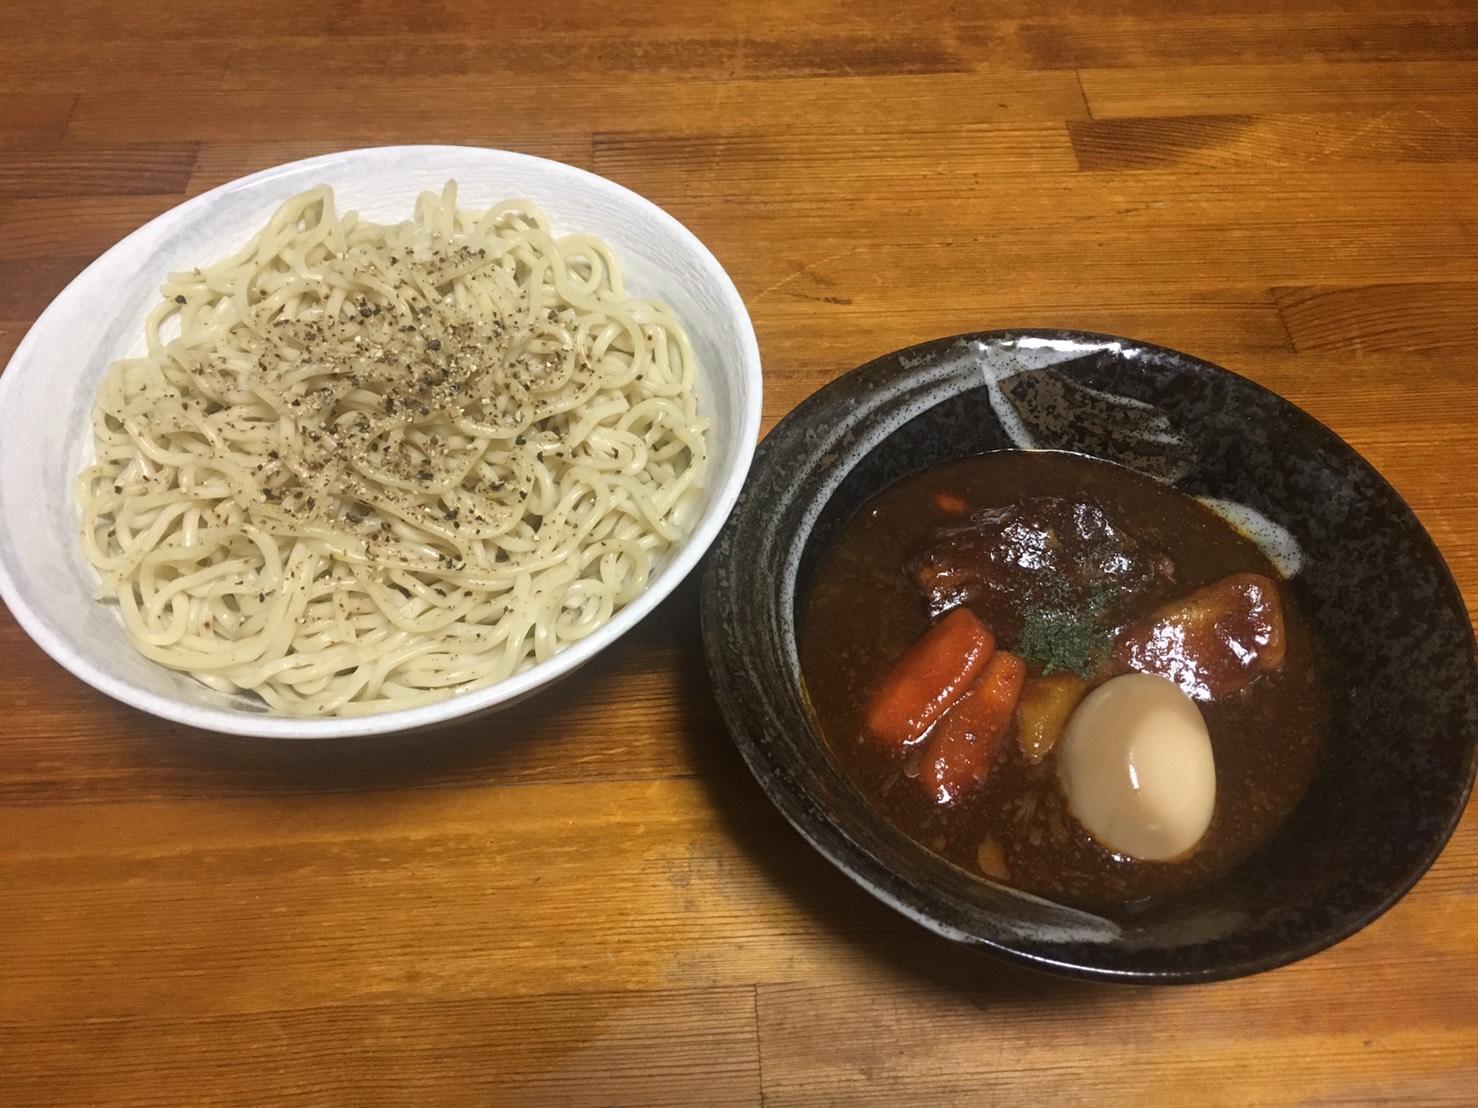 デンドロビウムつけ麺